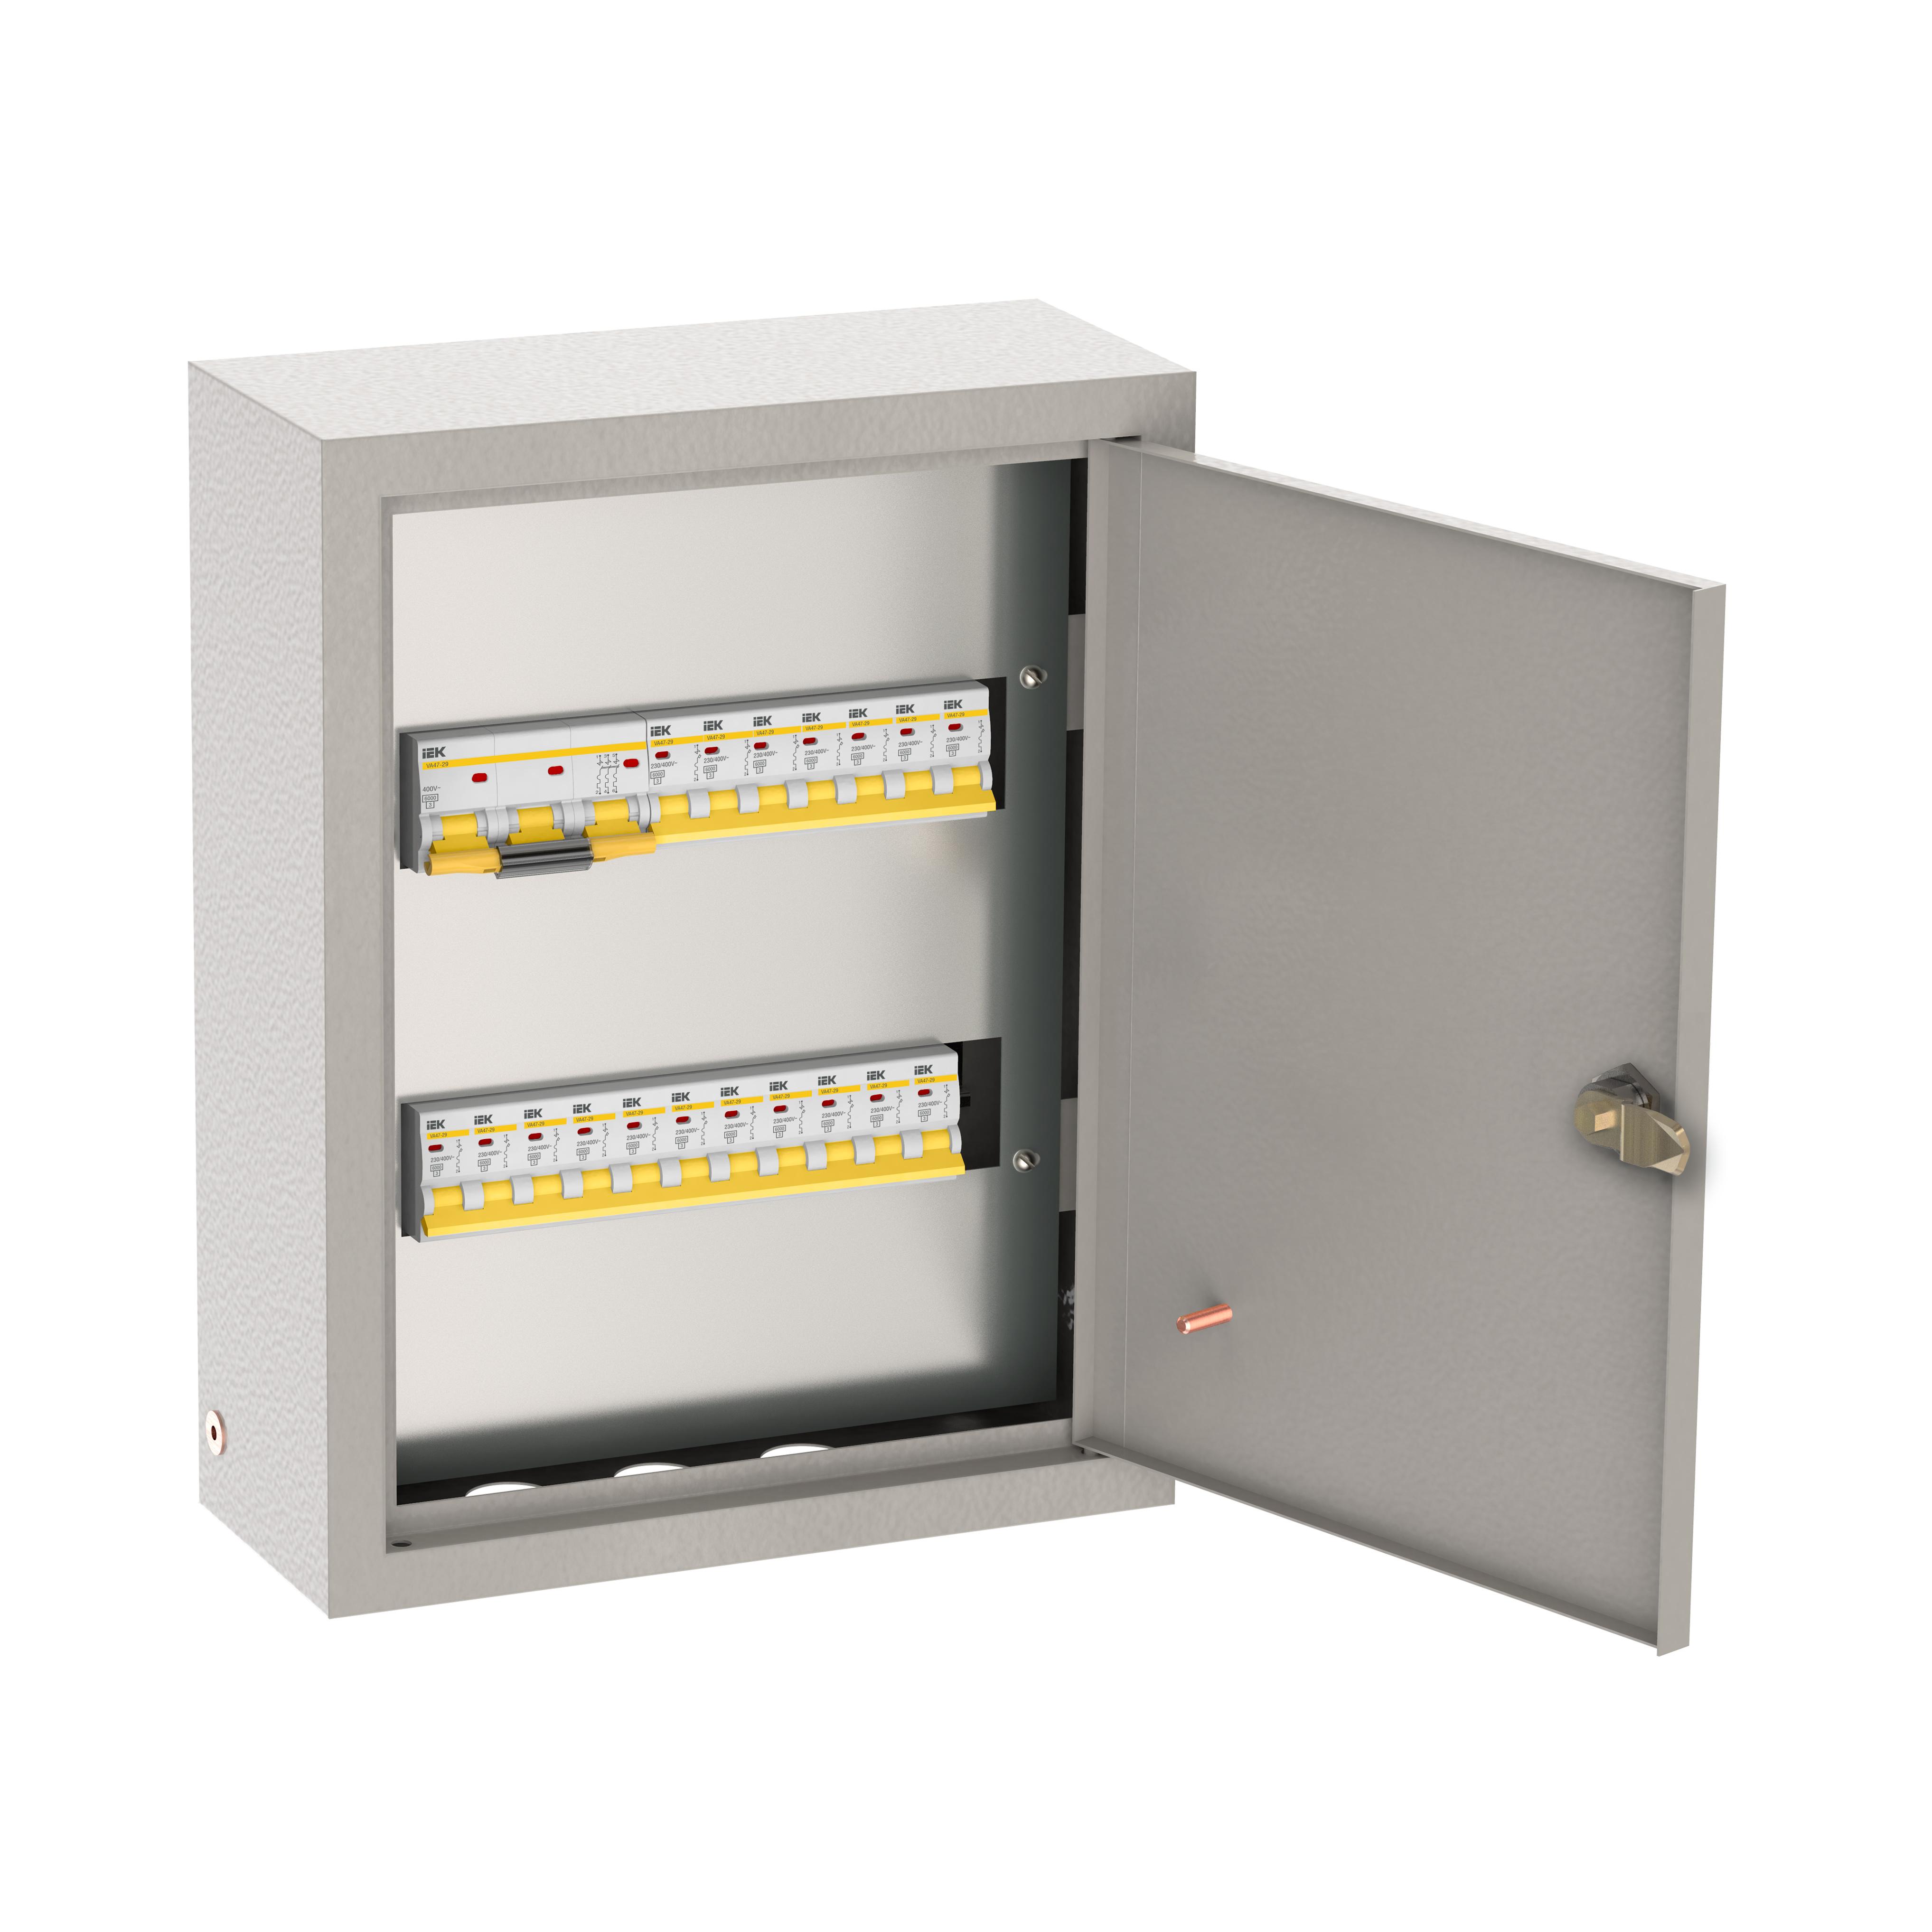 Щиток осветительный ОЩВ навесной с автоматическими выключателями 3p 1х100А 1p 12х25А IEK